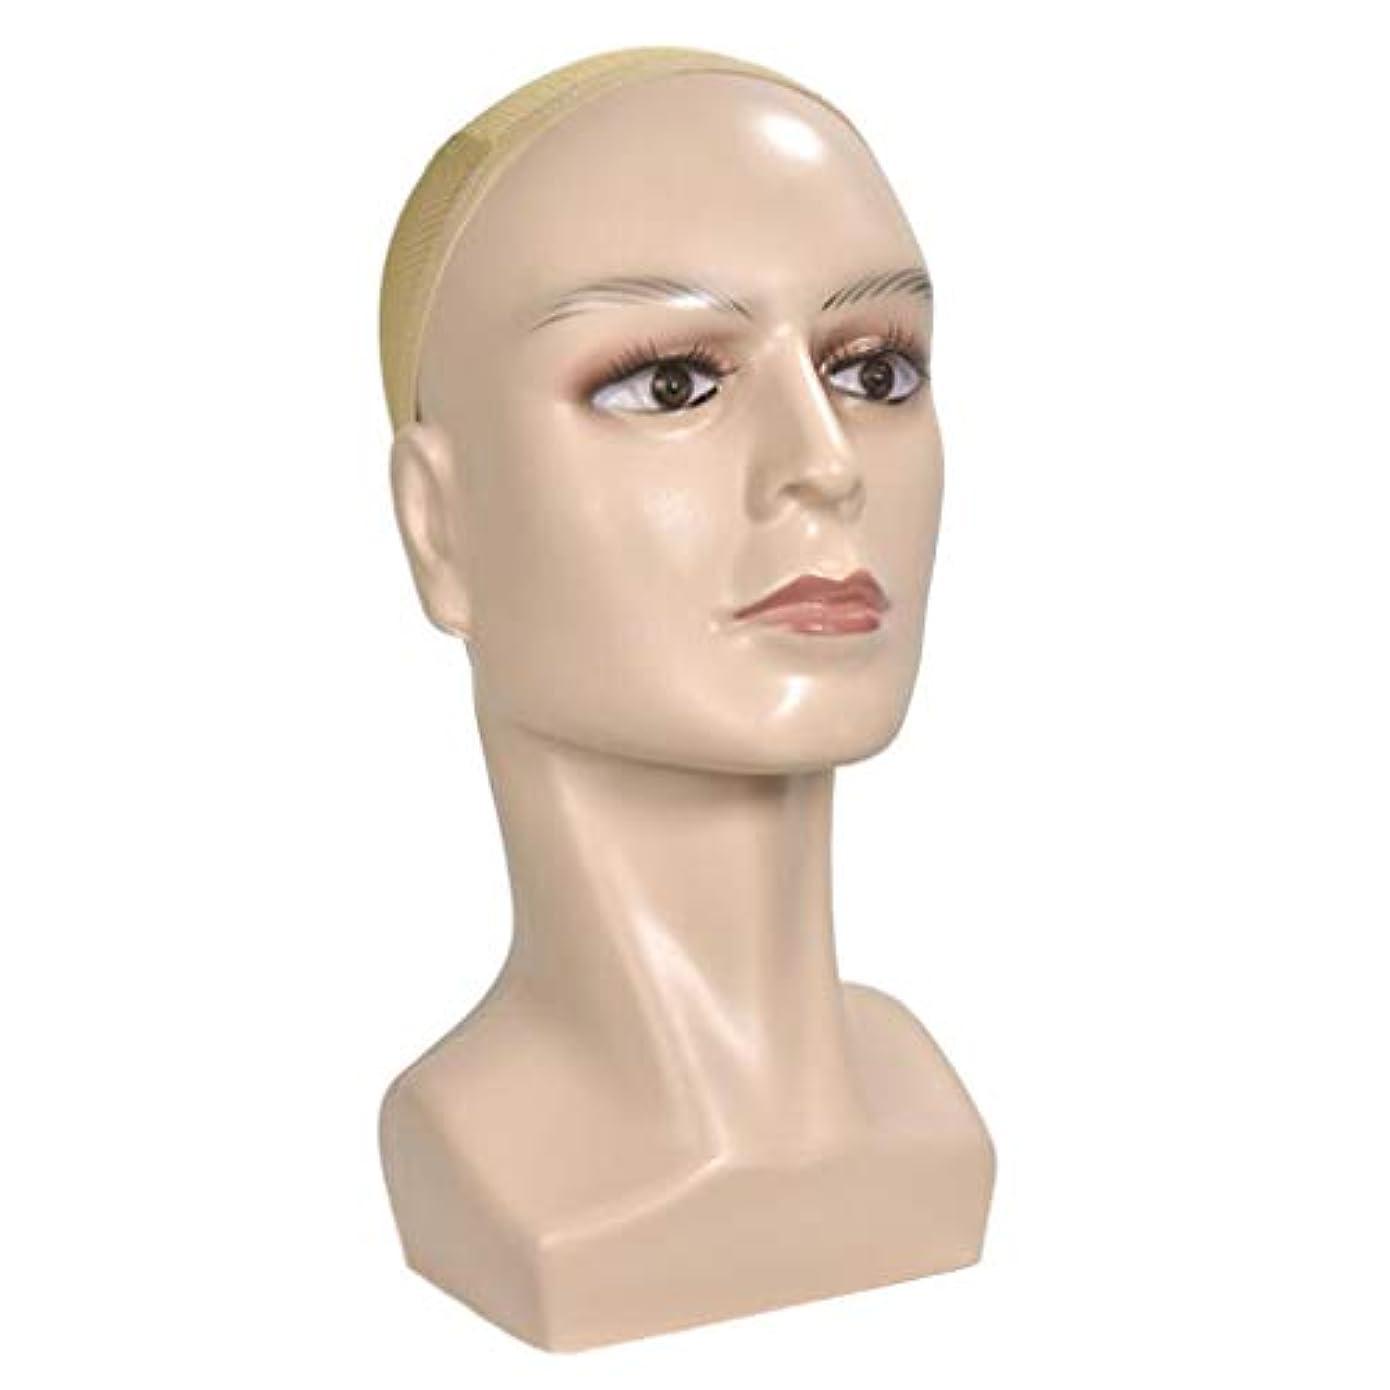 排泄するタイトルドアミラーCUTICATE マネキンヘッド ディスプレイ メイクトレーニング 化粧 美容 店舗 自宅 サロン 全2色 - 肌の色